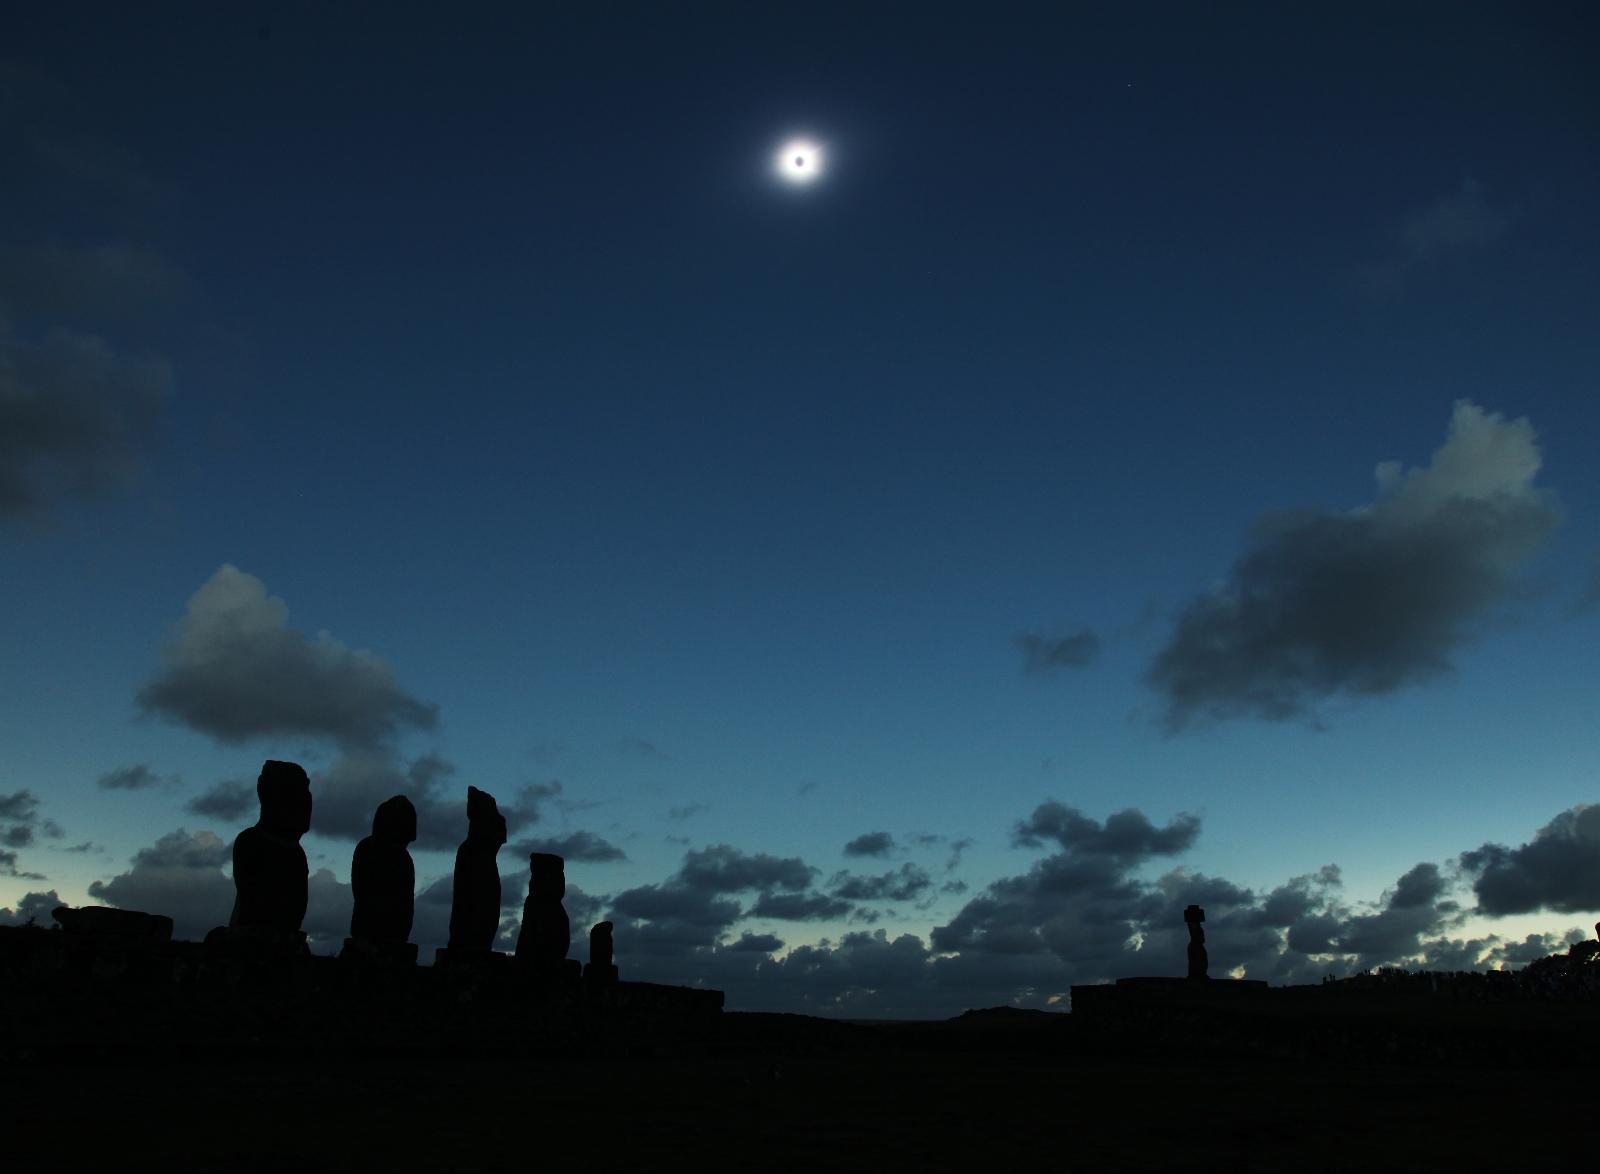 #2716: 遠くの小さなモアイの上に輝くコロナ by アストロアーツ ...